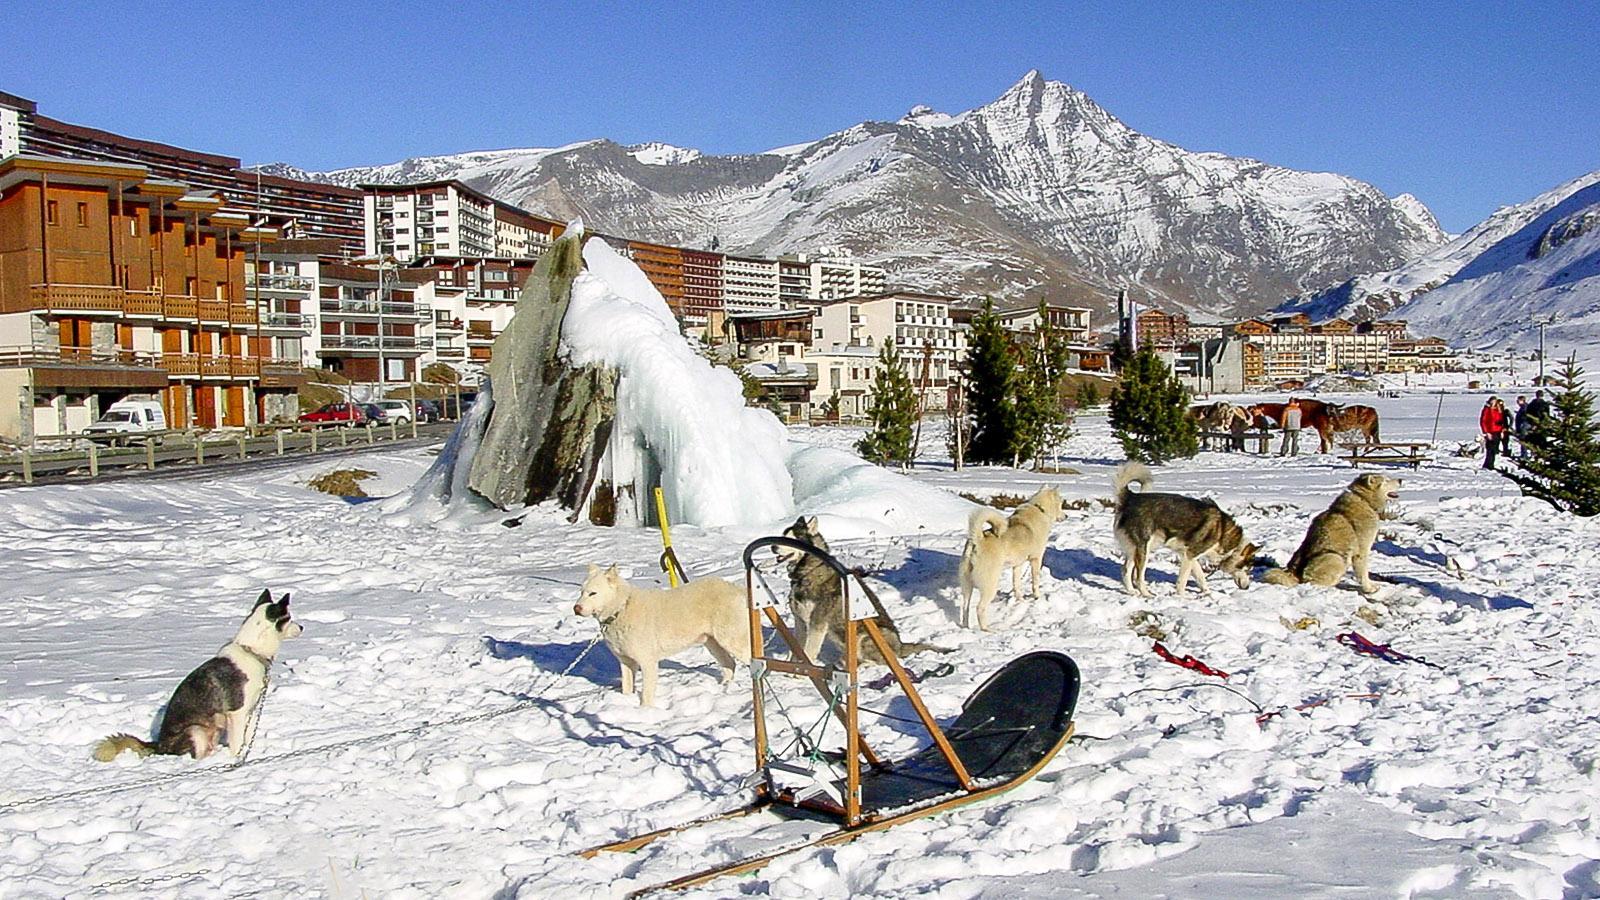 Tignes-Le Lac: Schlittenhunde (Huskies) warten auf die nächste Tour. Foto: Hilke Maunder